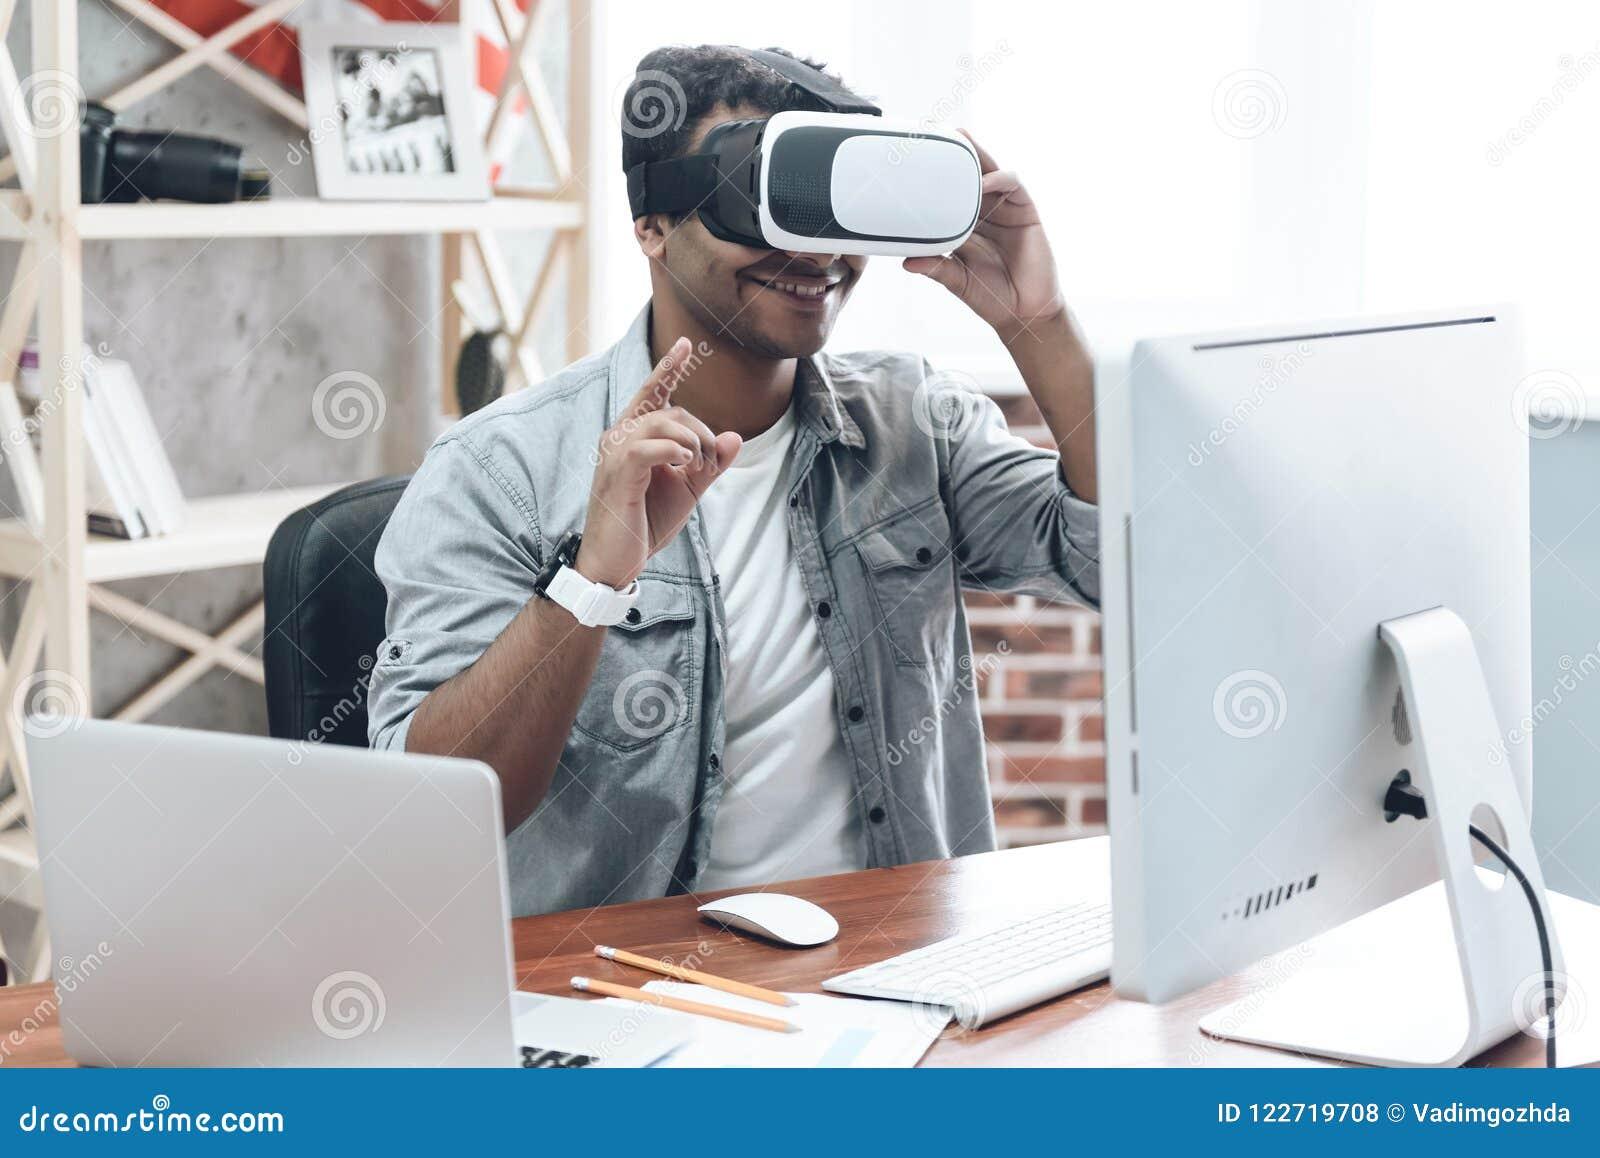 Ευτυχής ινδικός νεαρός άνδρας στο σπίτι στα γυαλιά VR